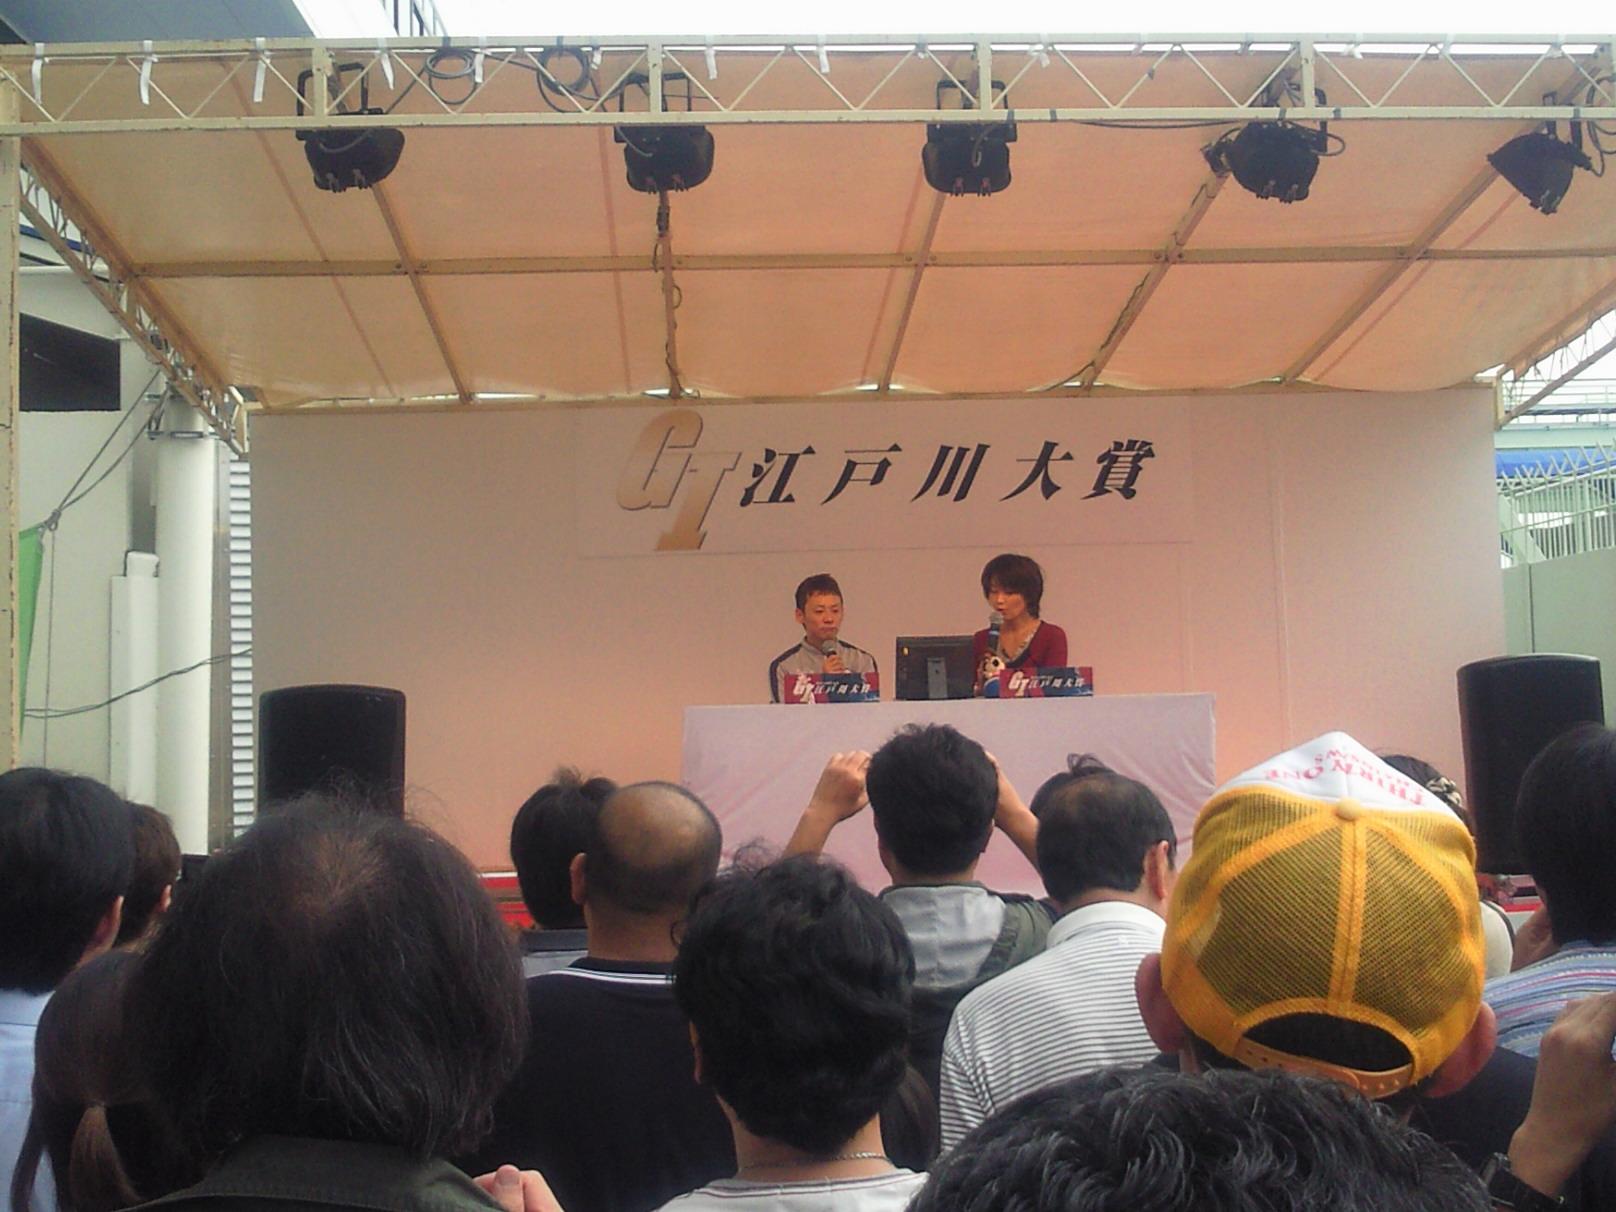 この日一番人が多かった湯川インタビュー